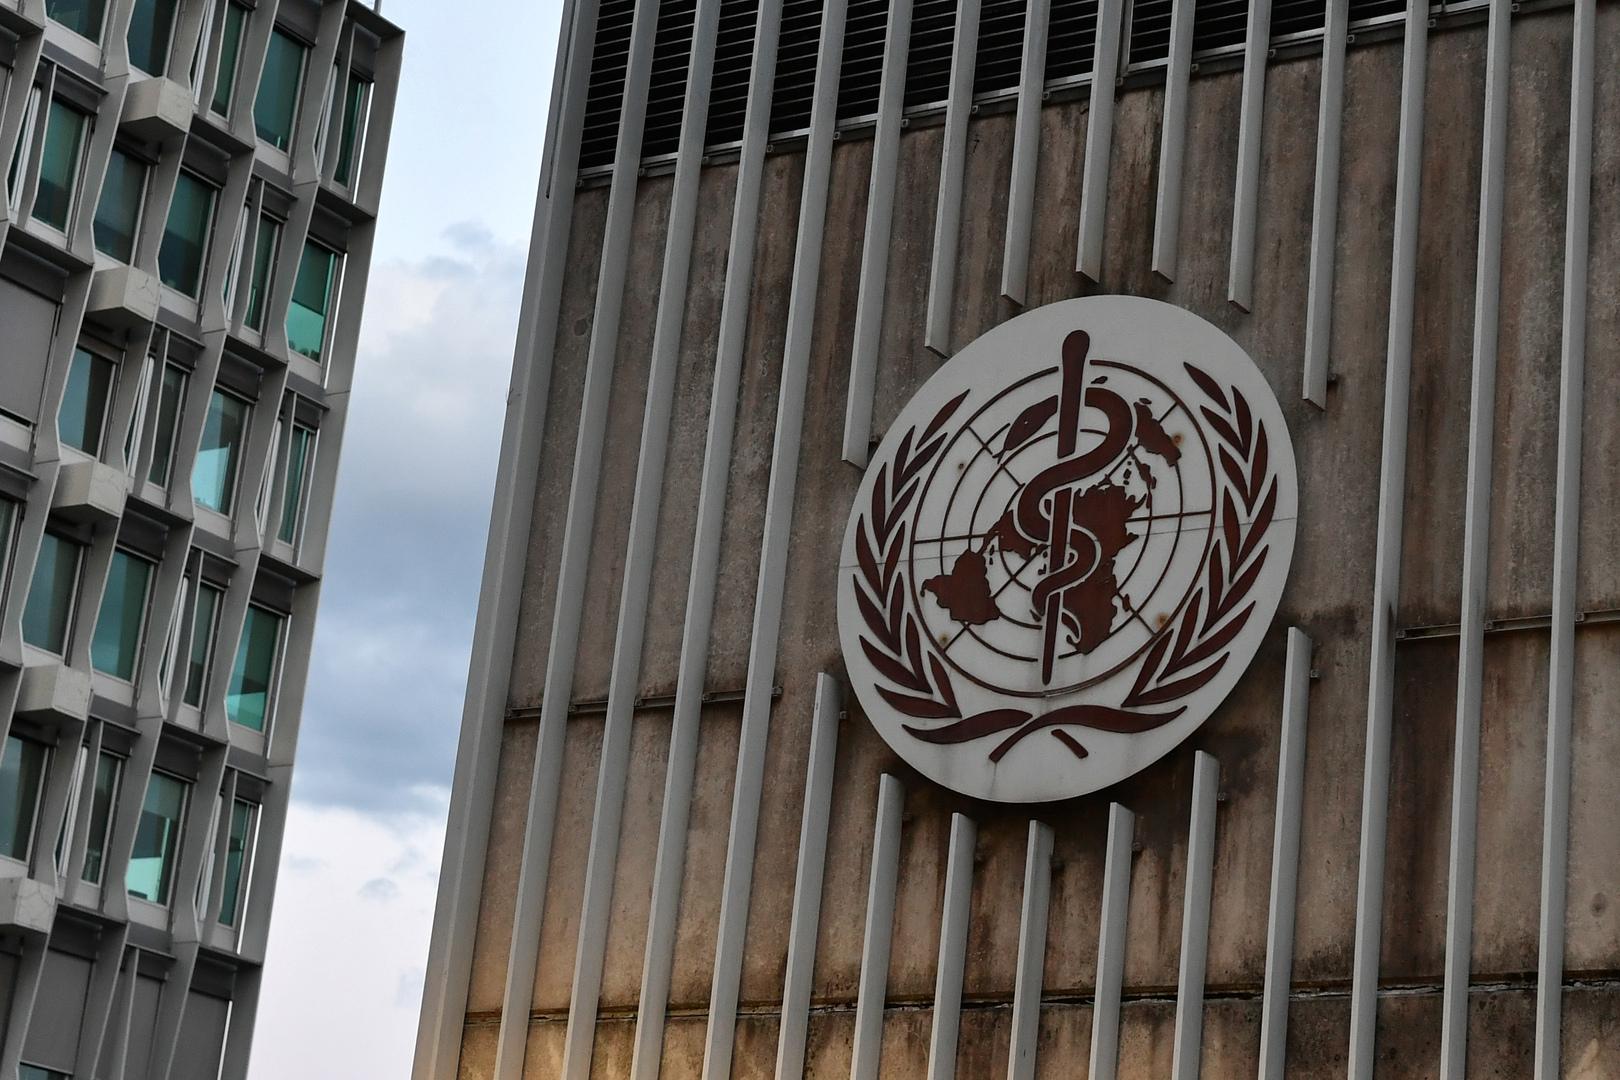 الصحة العالمية واليونيسف: وباء كورونا أحبط تلقيح الأطفال الدوري ضد أمراض خطيرة